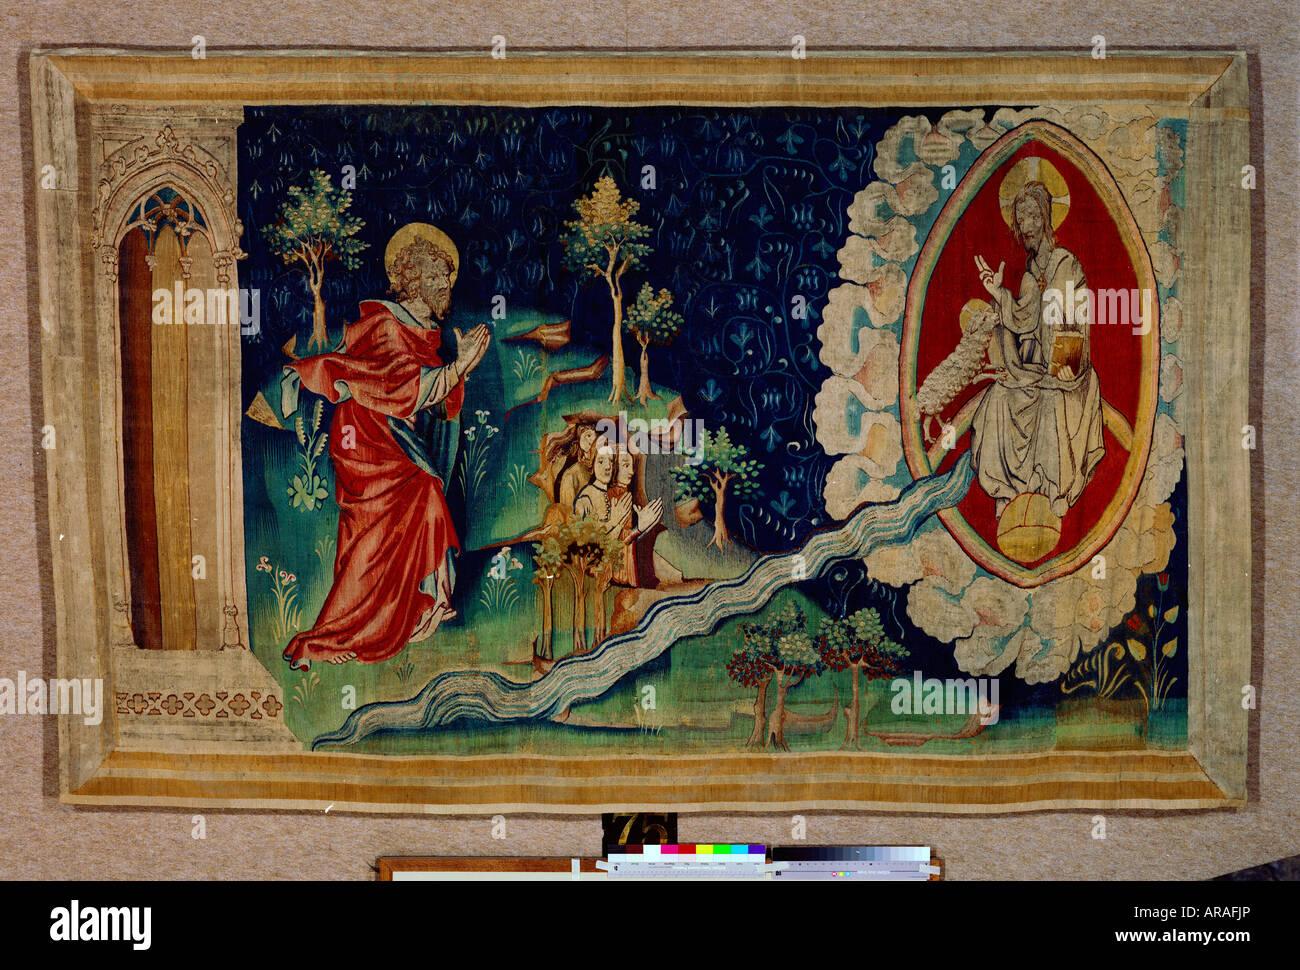 Angers Tapisserie der Apokalypse von Angers La Tenture de l'Apocalypse d'Angers Le fleuve coulant du trône - Stock Image